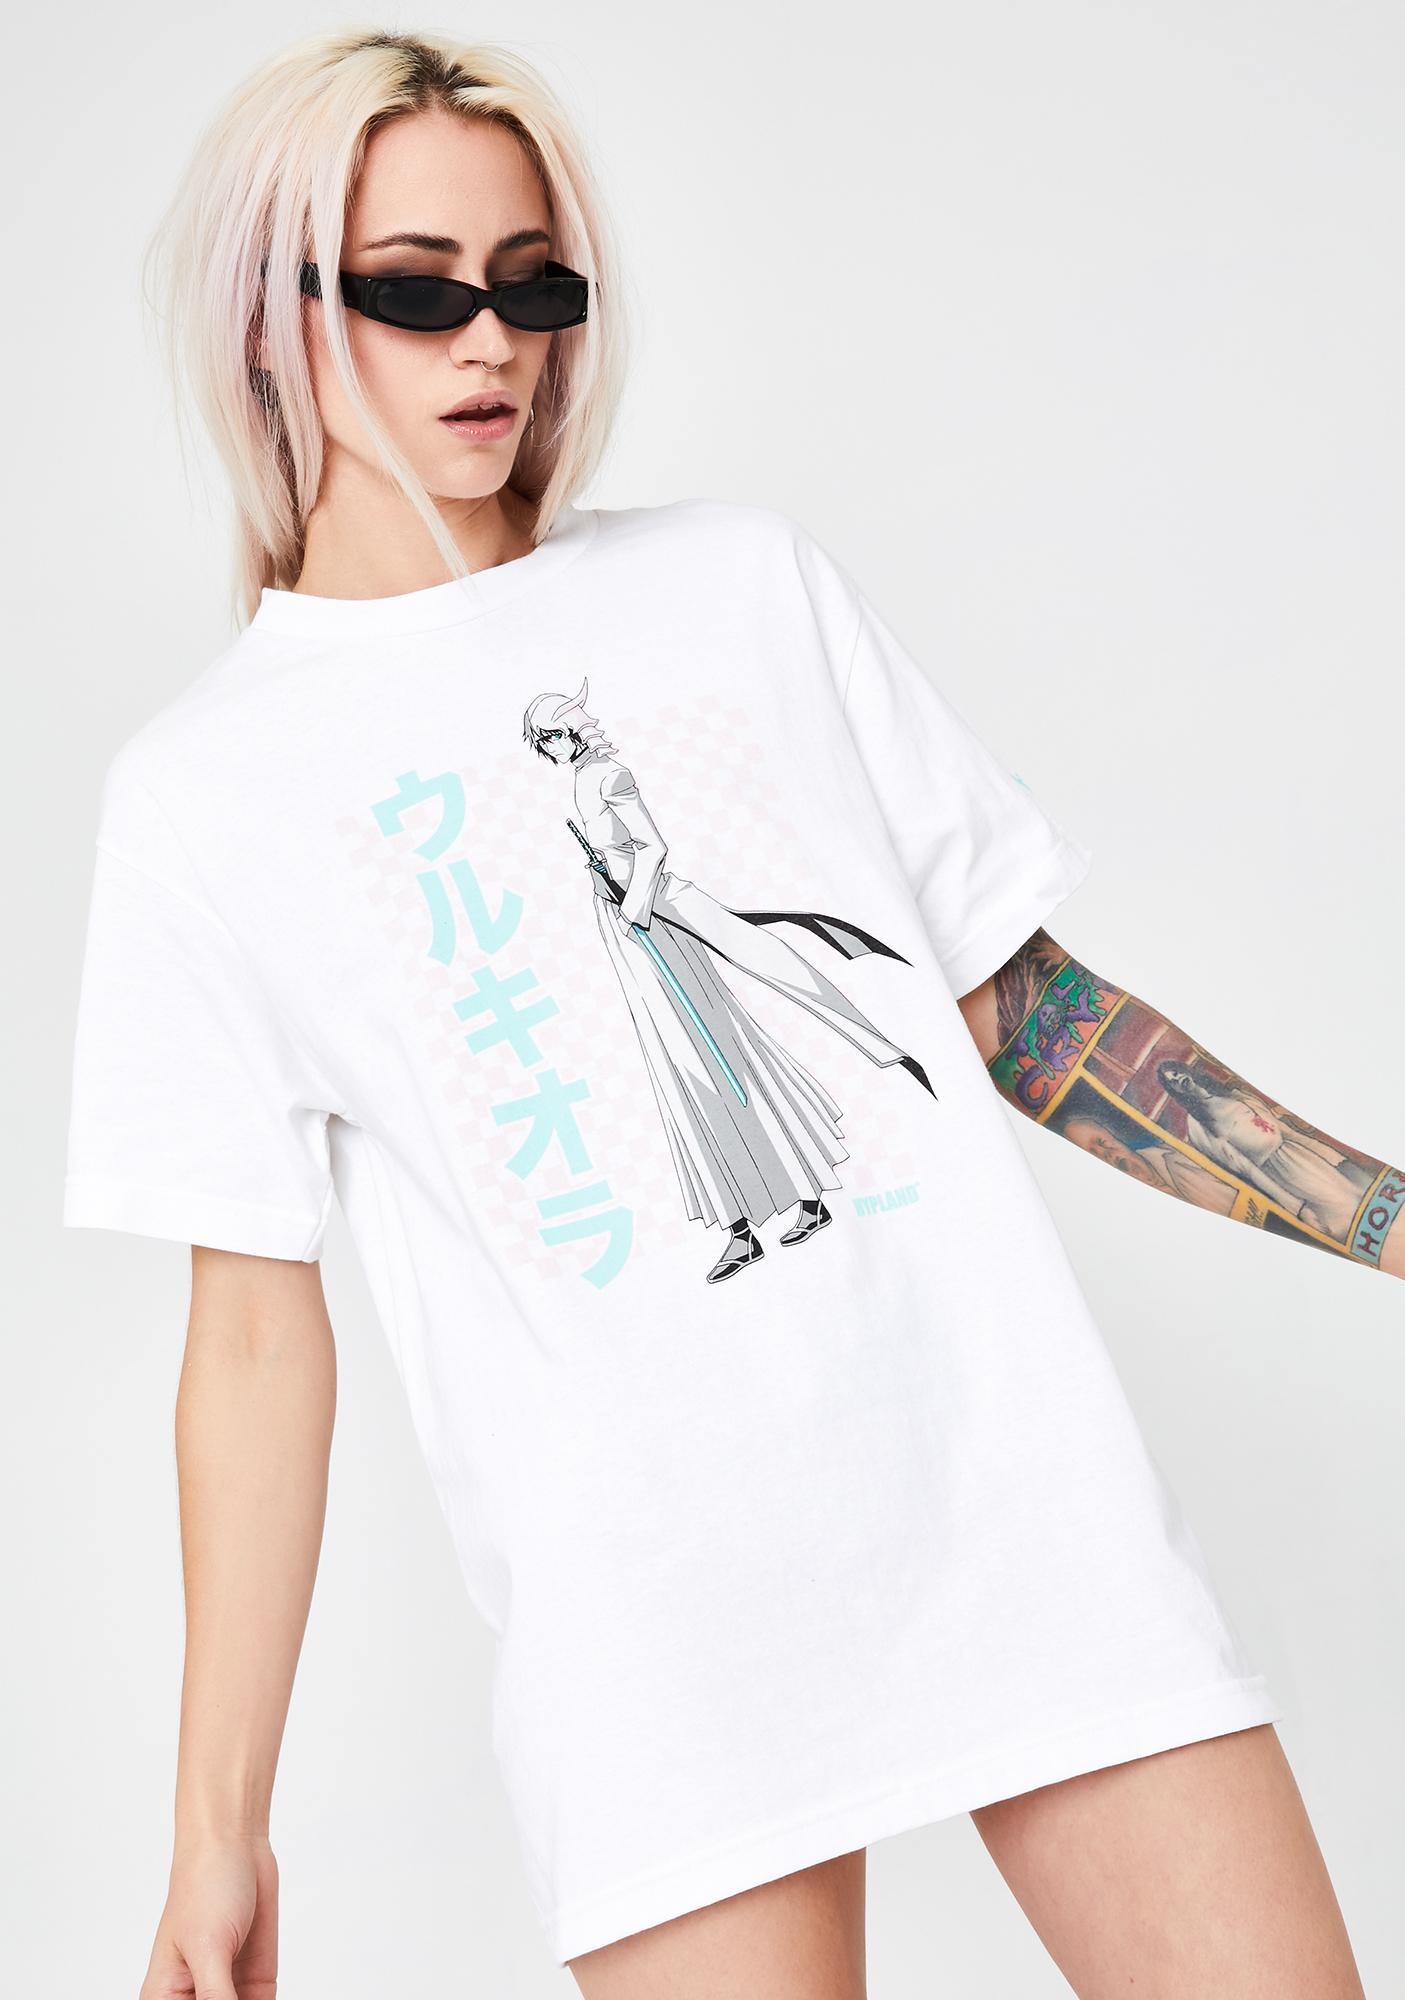 HYPLAND X Bleach White Ulquiorra Graphic Tee